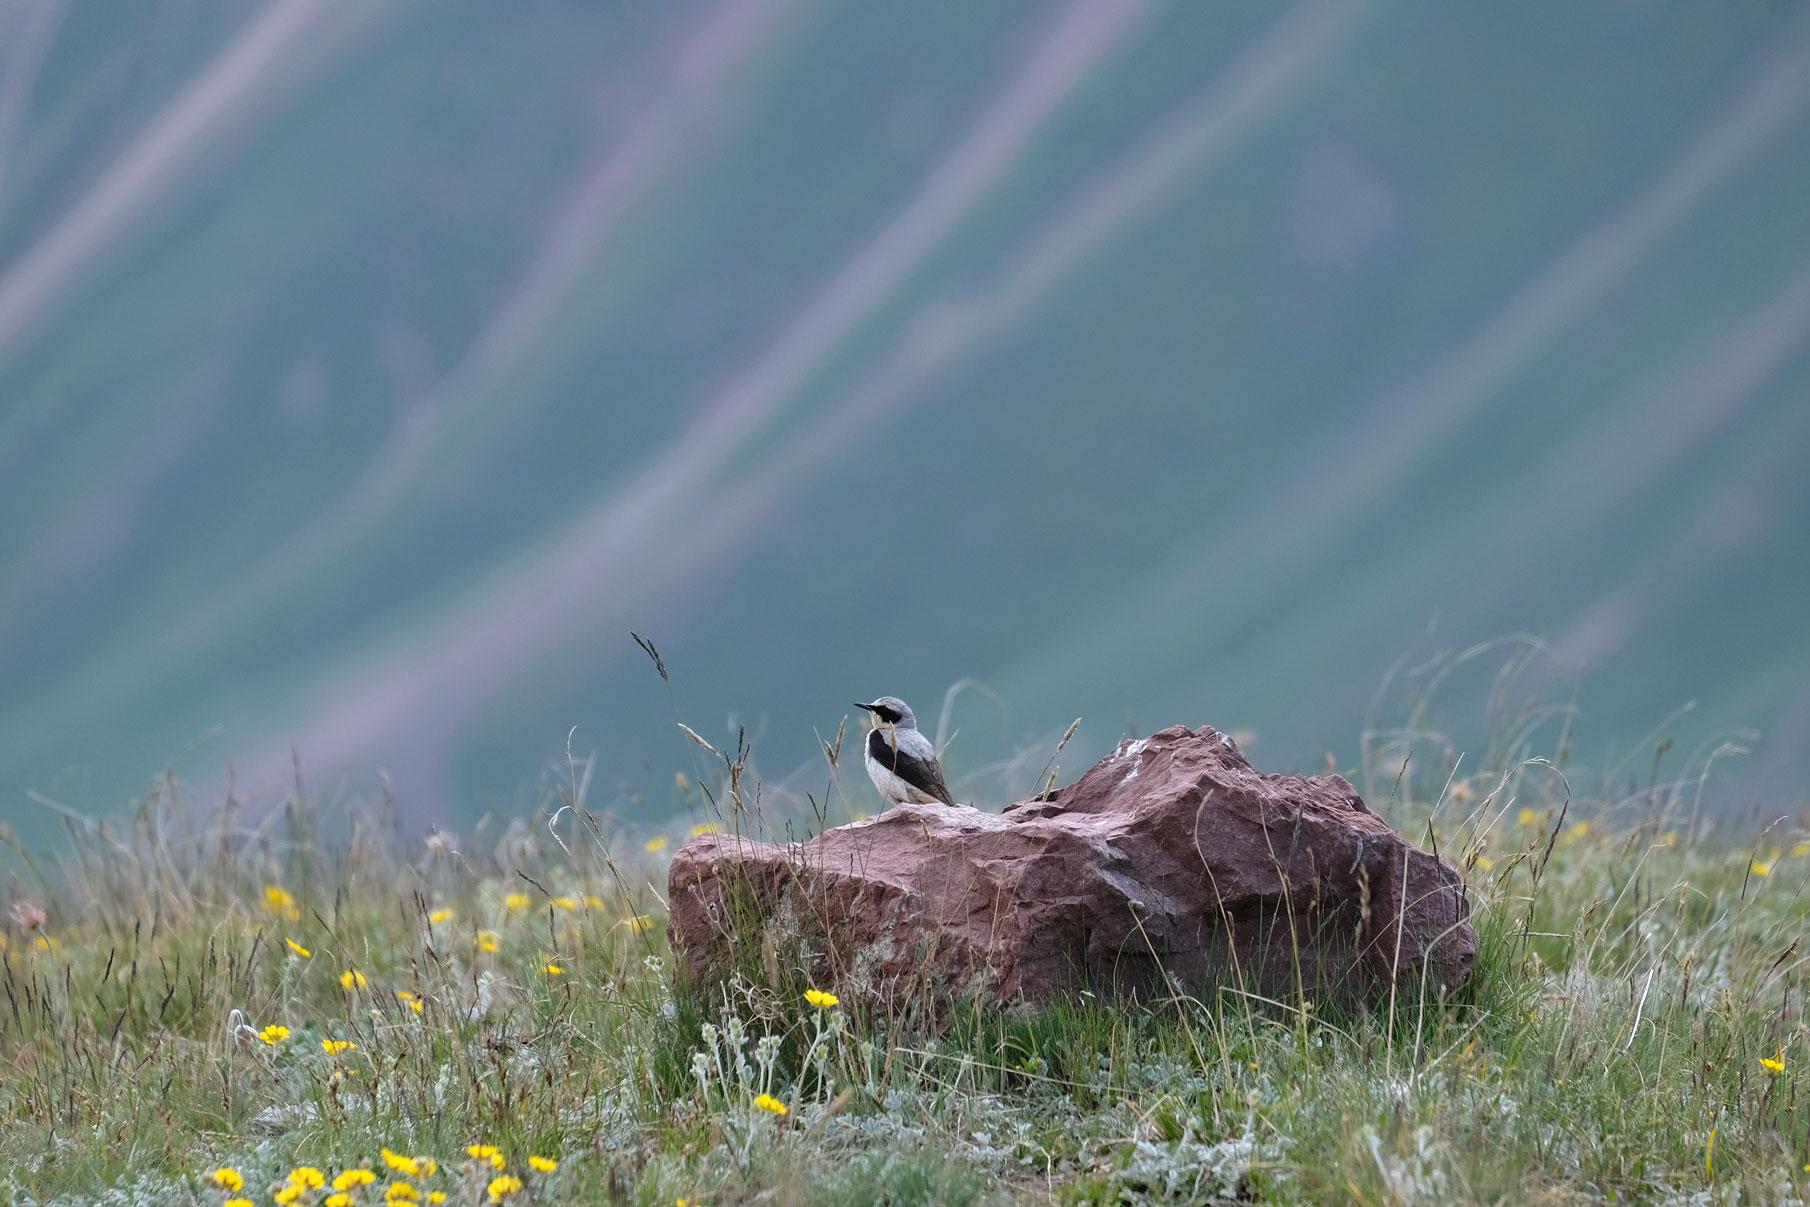 Ein Vogel sitzt auf einer Wiese auf einem Stein.